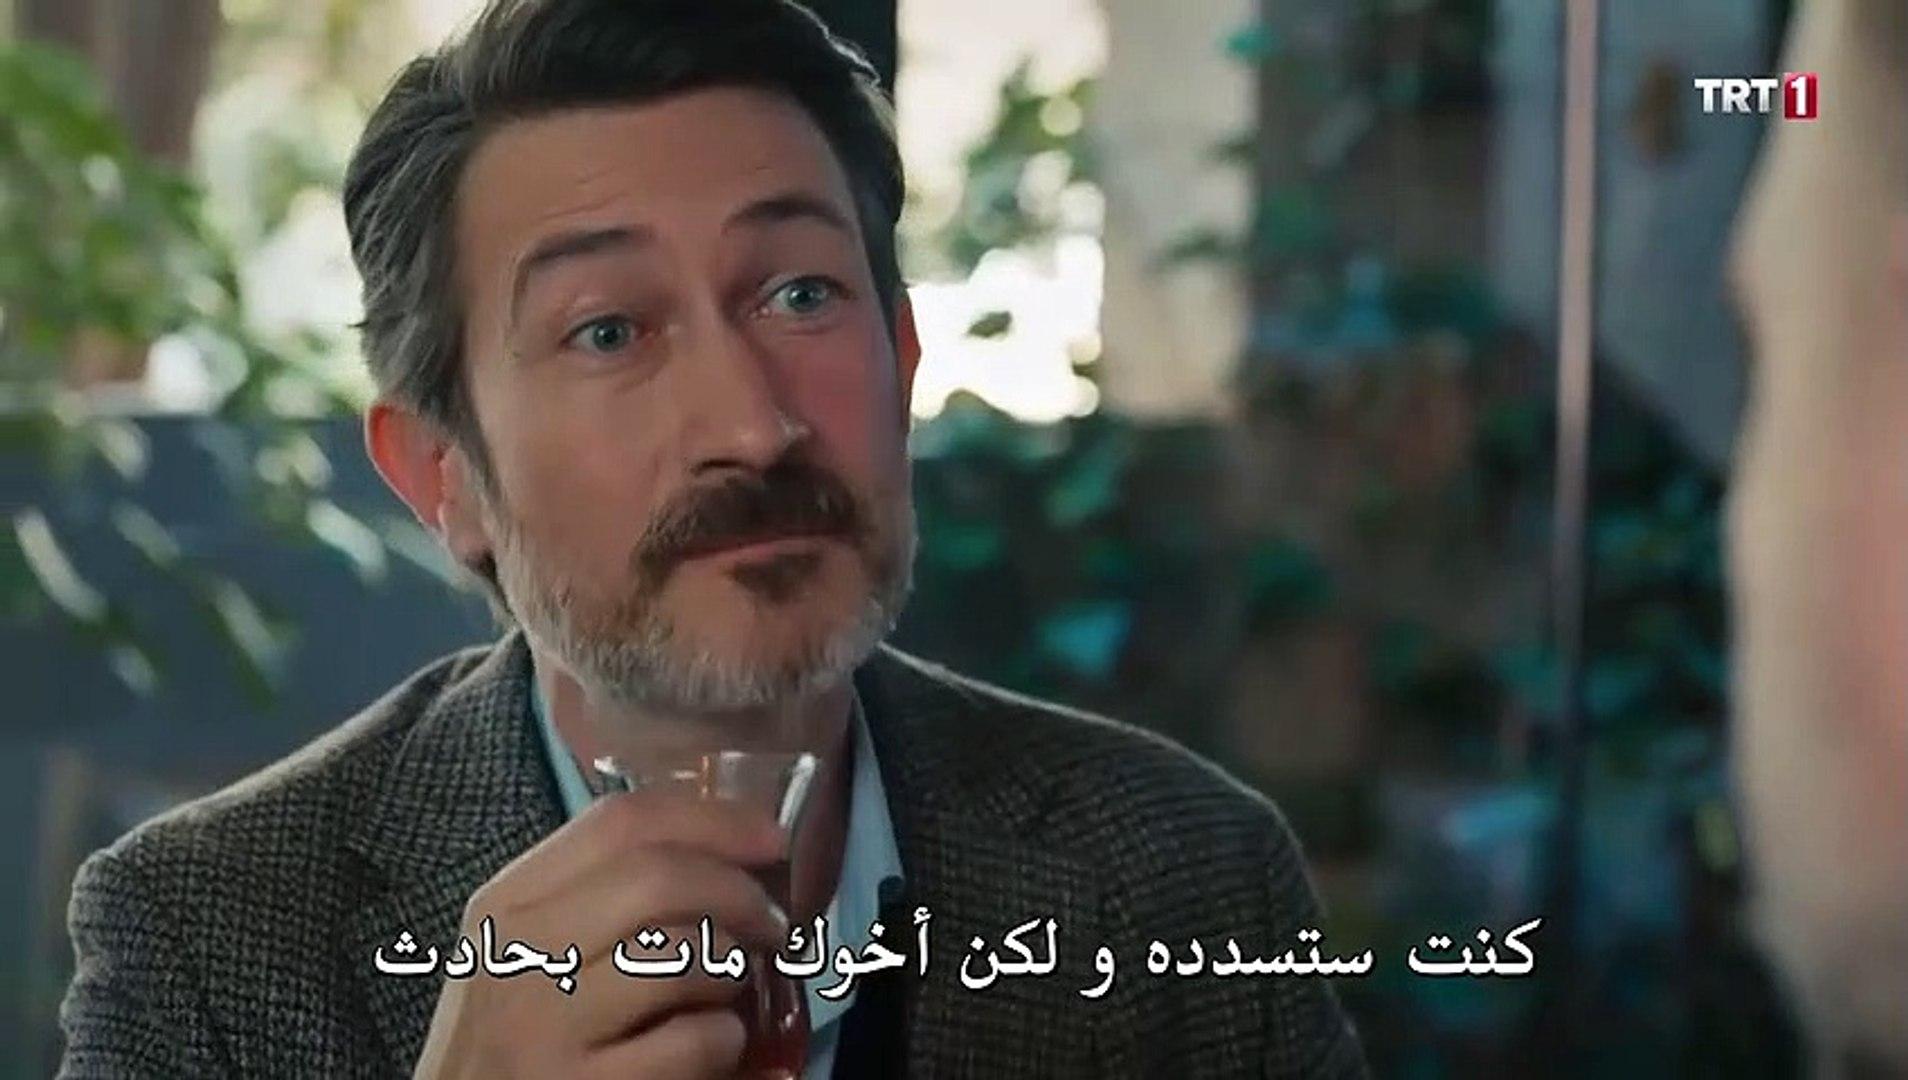 مسلسل لا تترك يدي الحلقة 34 القسم 3 مترجم للعربية قصة عشق اكسترا